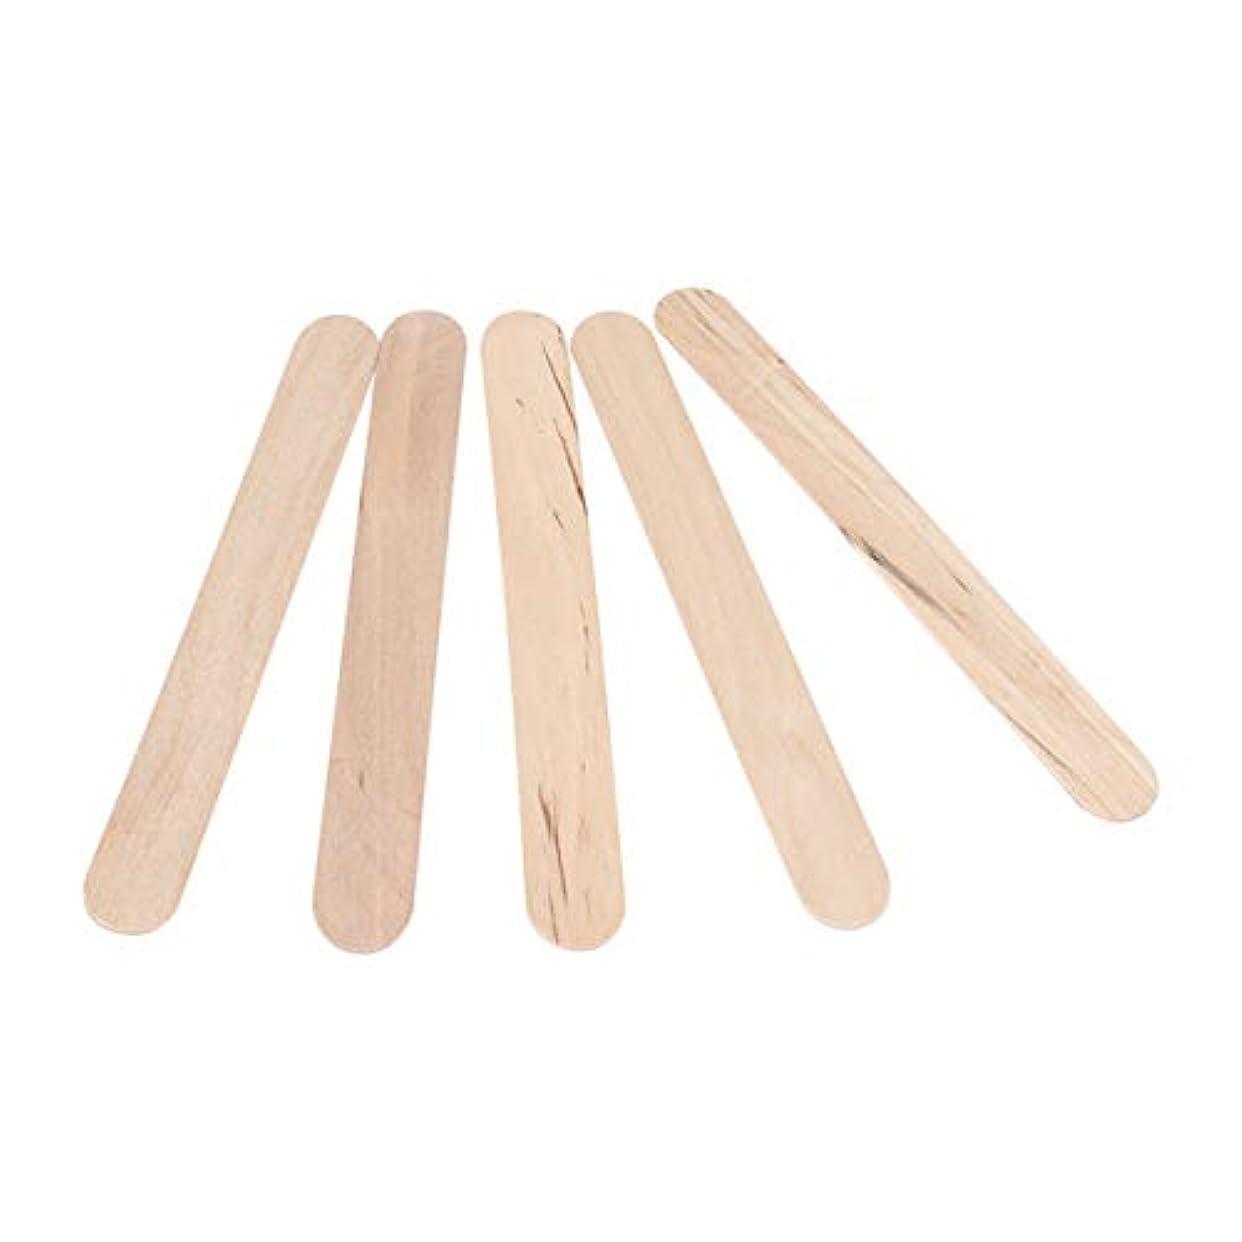 国勢調査マエストロ擁するSTOBOK 300PCSワックスは使い捨てワックスへらスティック木製のワックス塗布器は、木材舌圧子木製のアイスキャンデークラフトスティックスティック